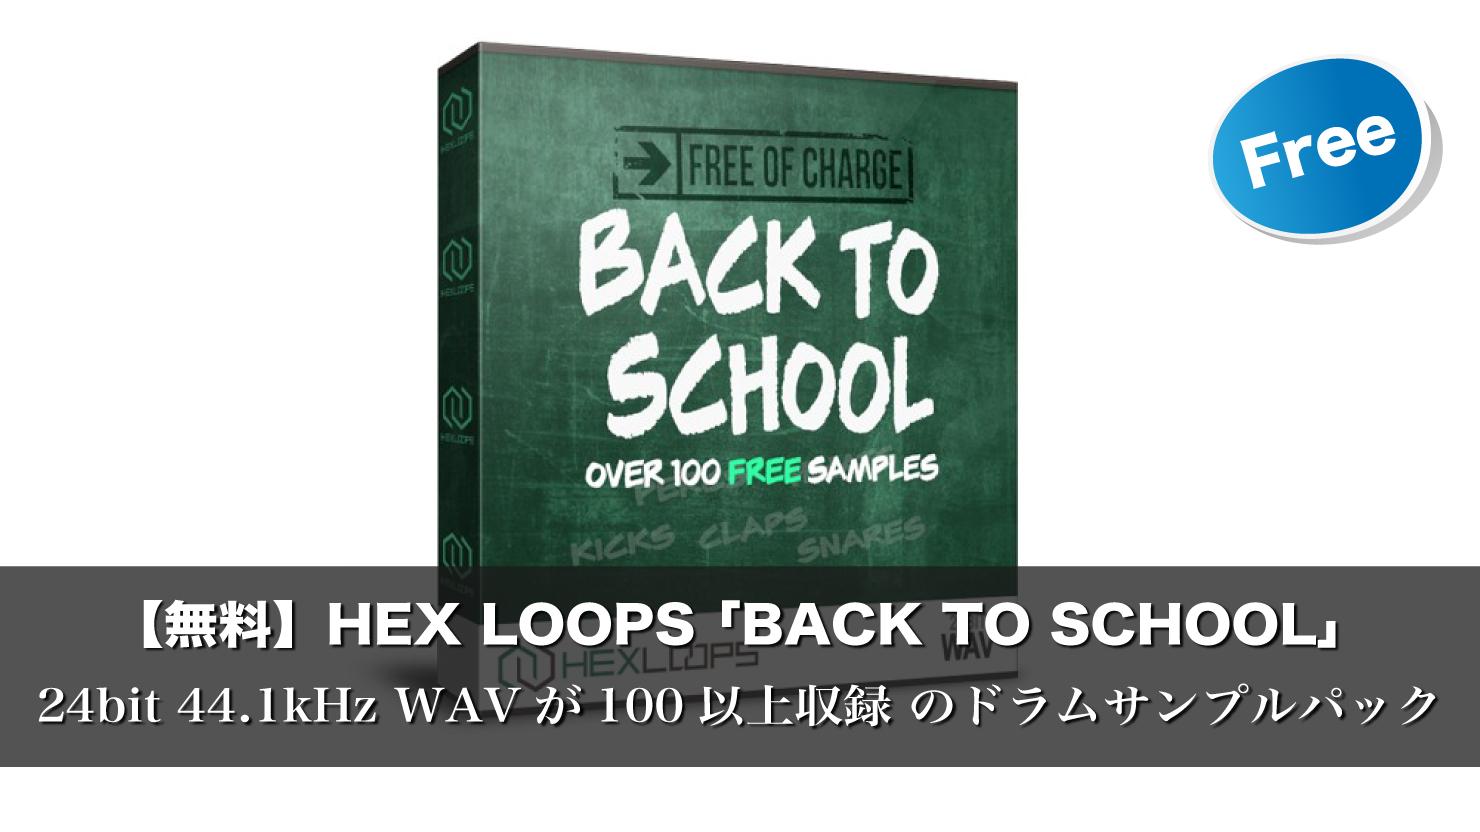 【無料】HEX LOOPS ドラムサンプルパック「Back To School」が無償配布中!